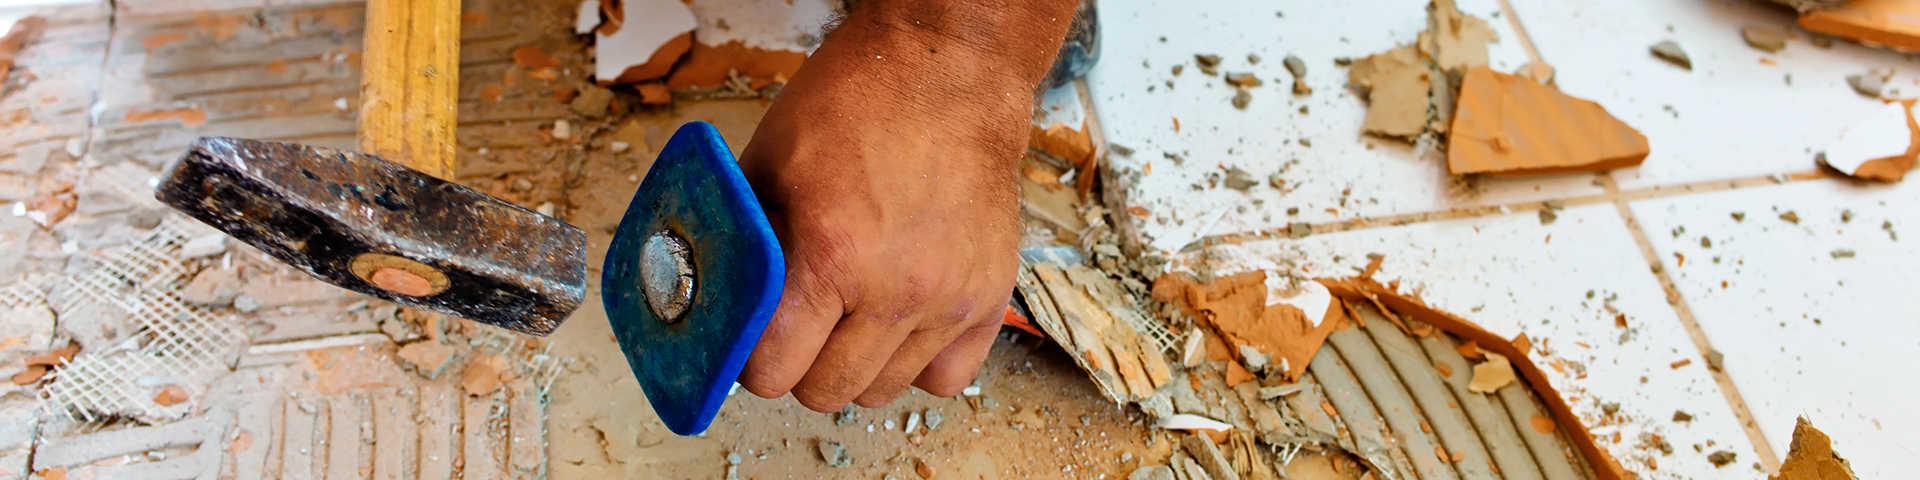 glazurnik skuwa płytki na podłodze za pomocą młotka i przebijaka